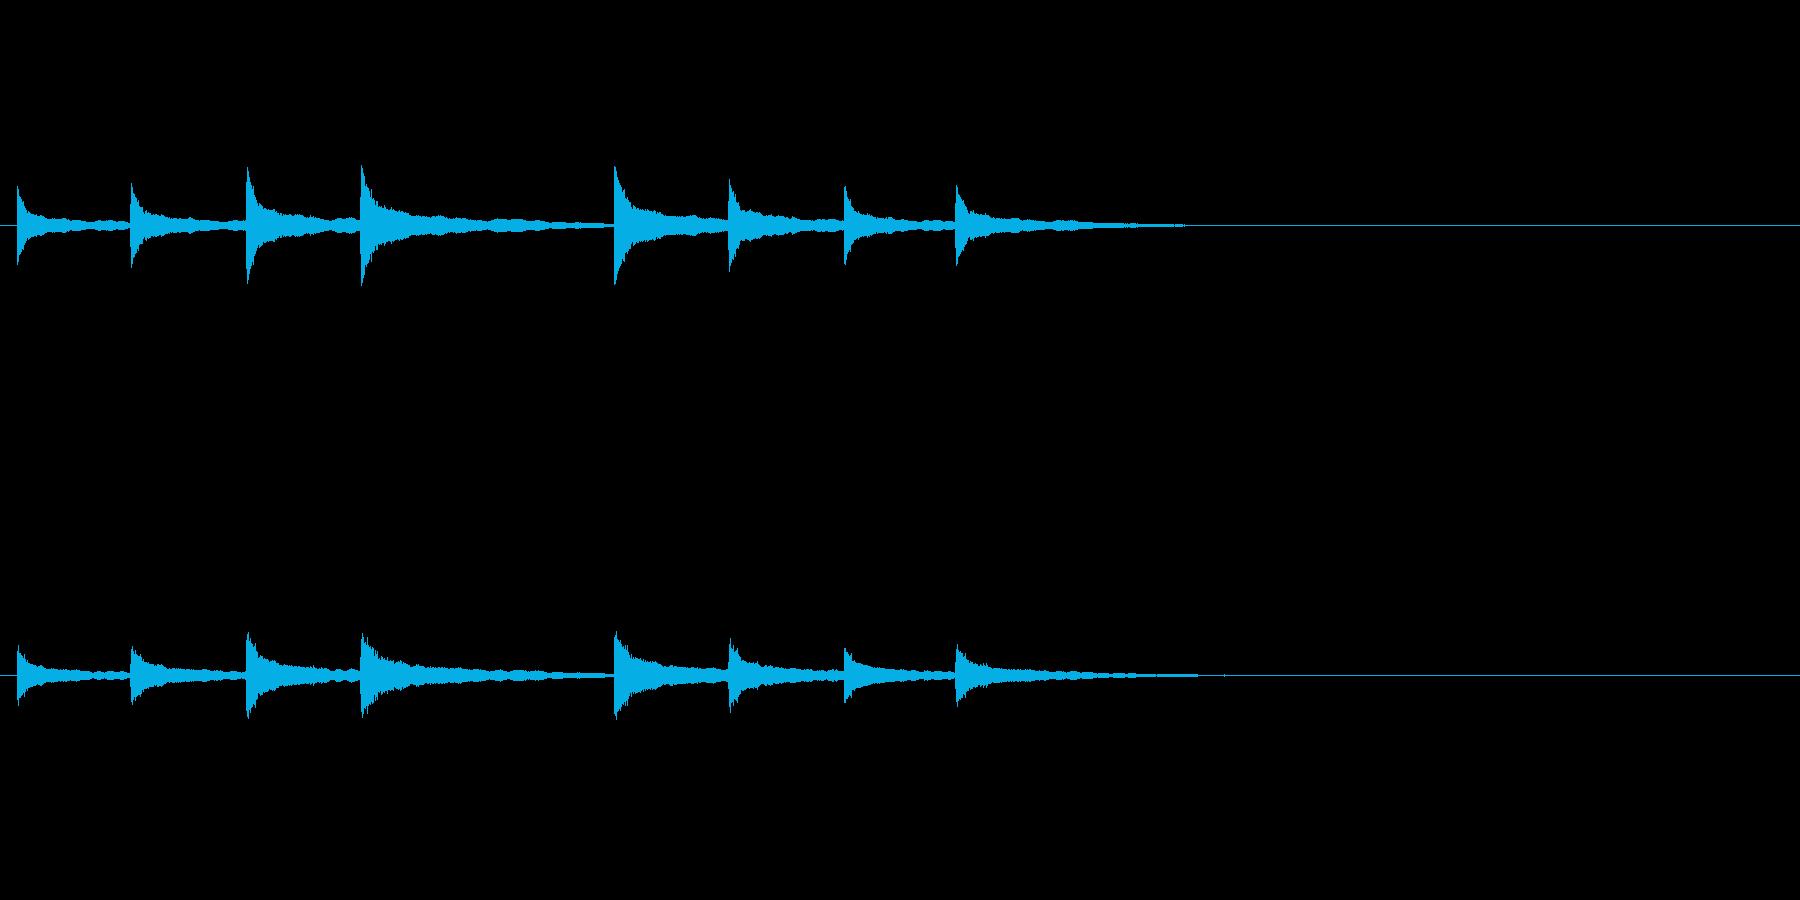 マントル時計鳴りの再生済みの波形